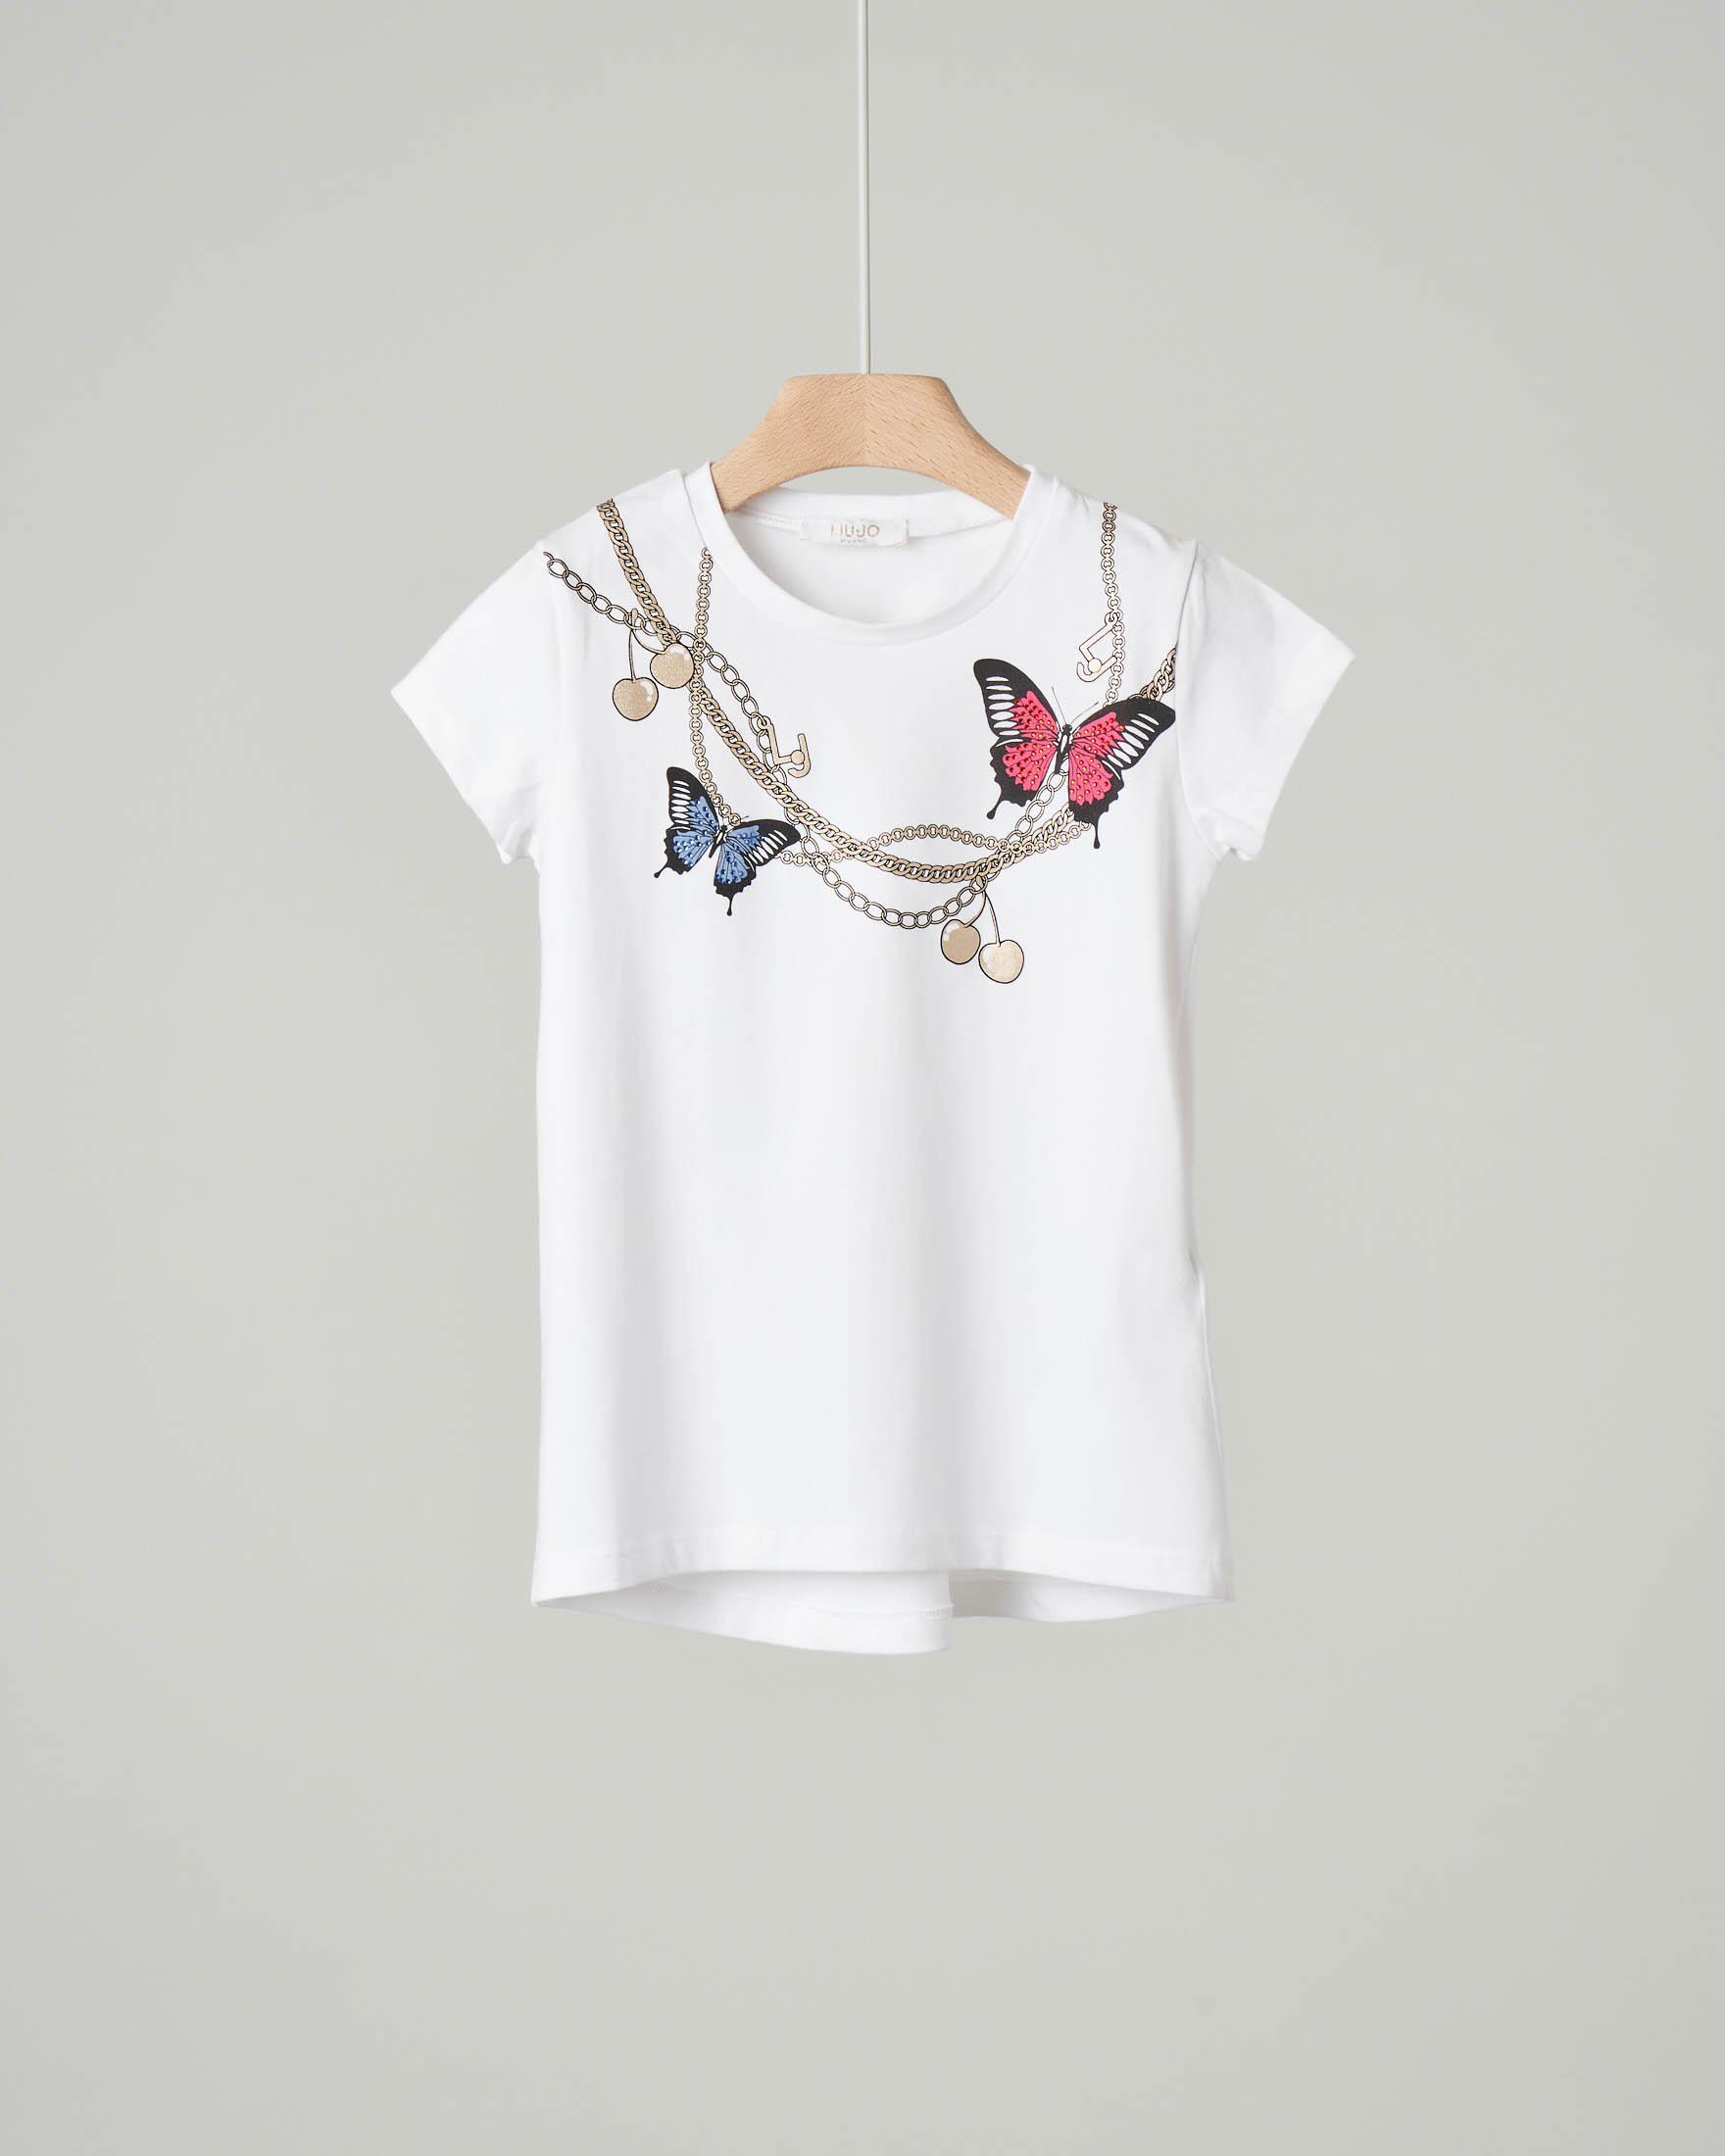 T-shirt bianca in cotone elasticizzato con maniche corte e stampa catene e farfalle